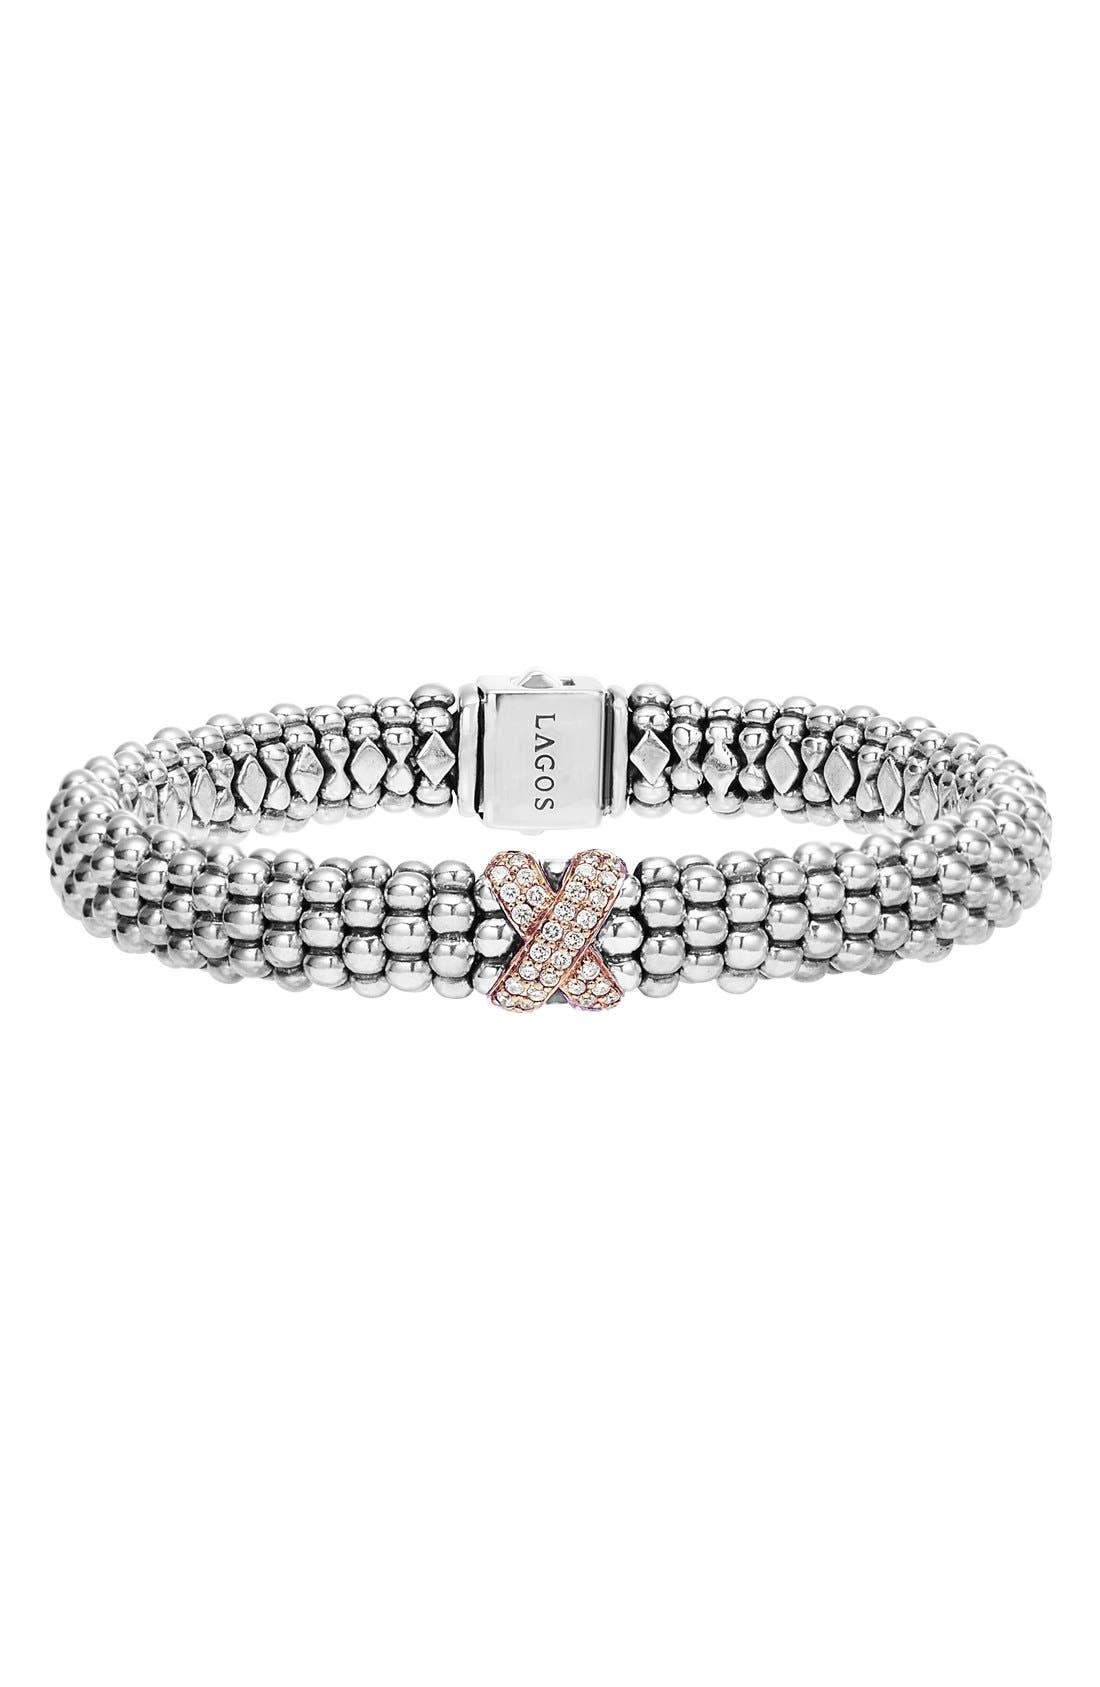 LAGOS 'Caviar' Gold Diamond Rope Bracelet